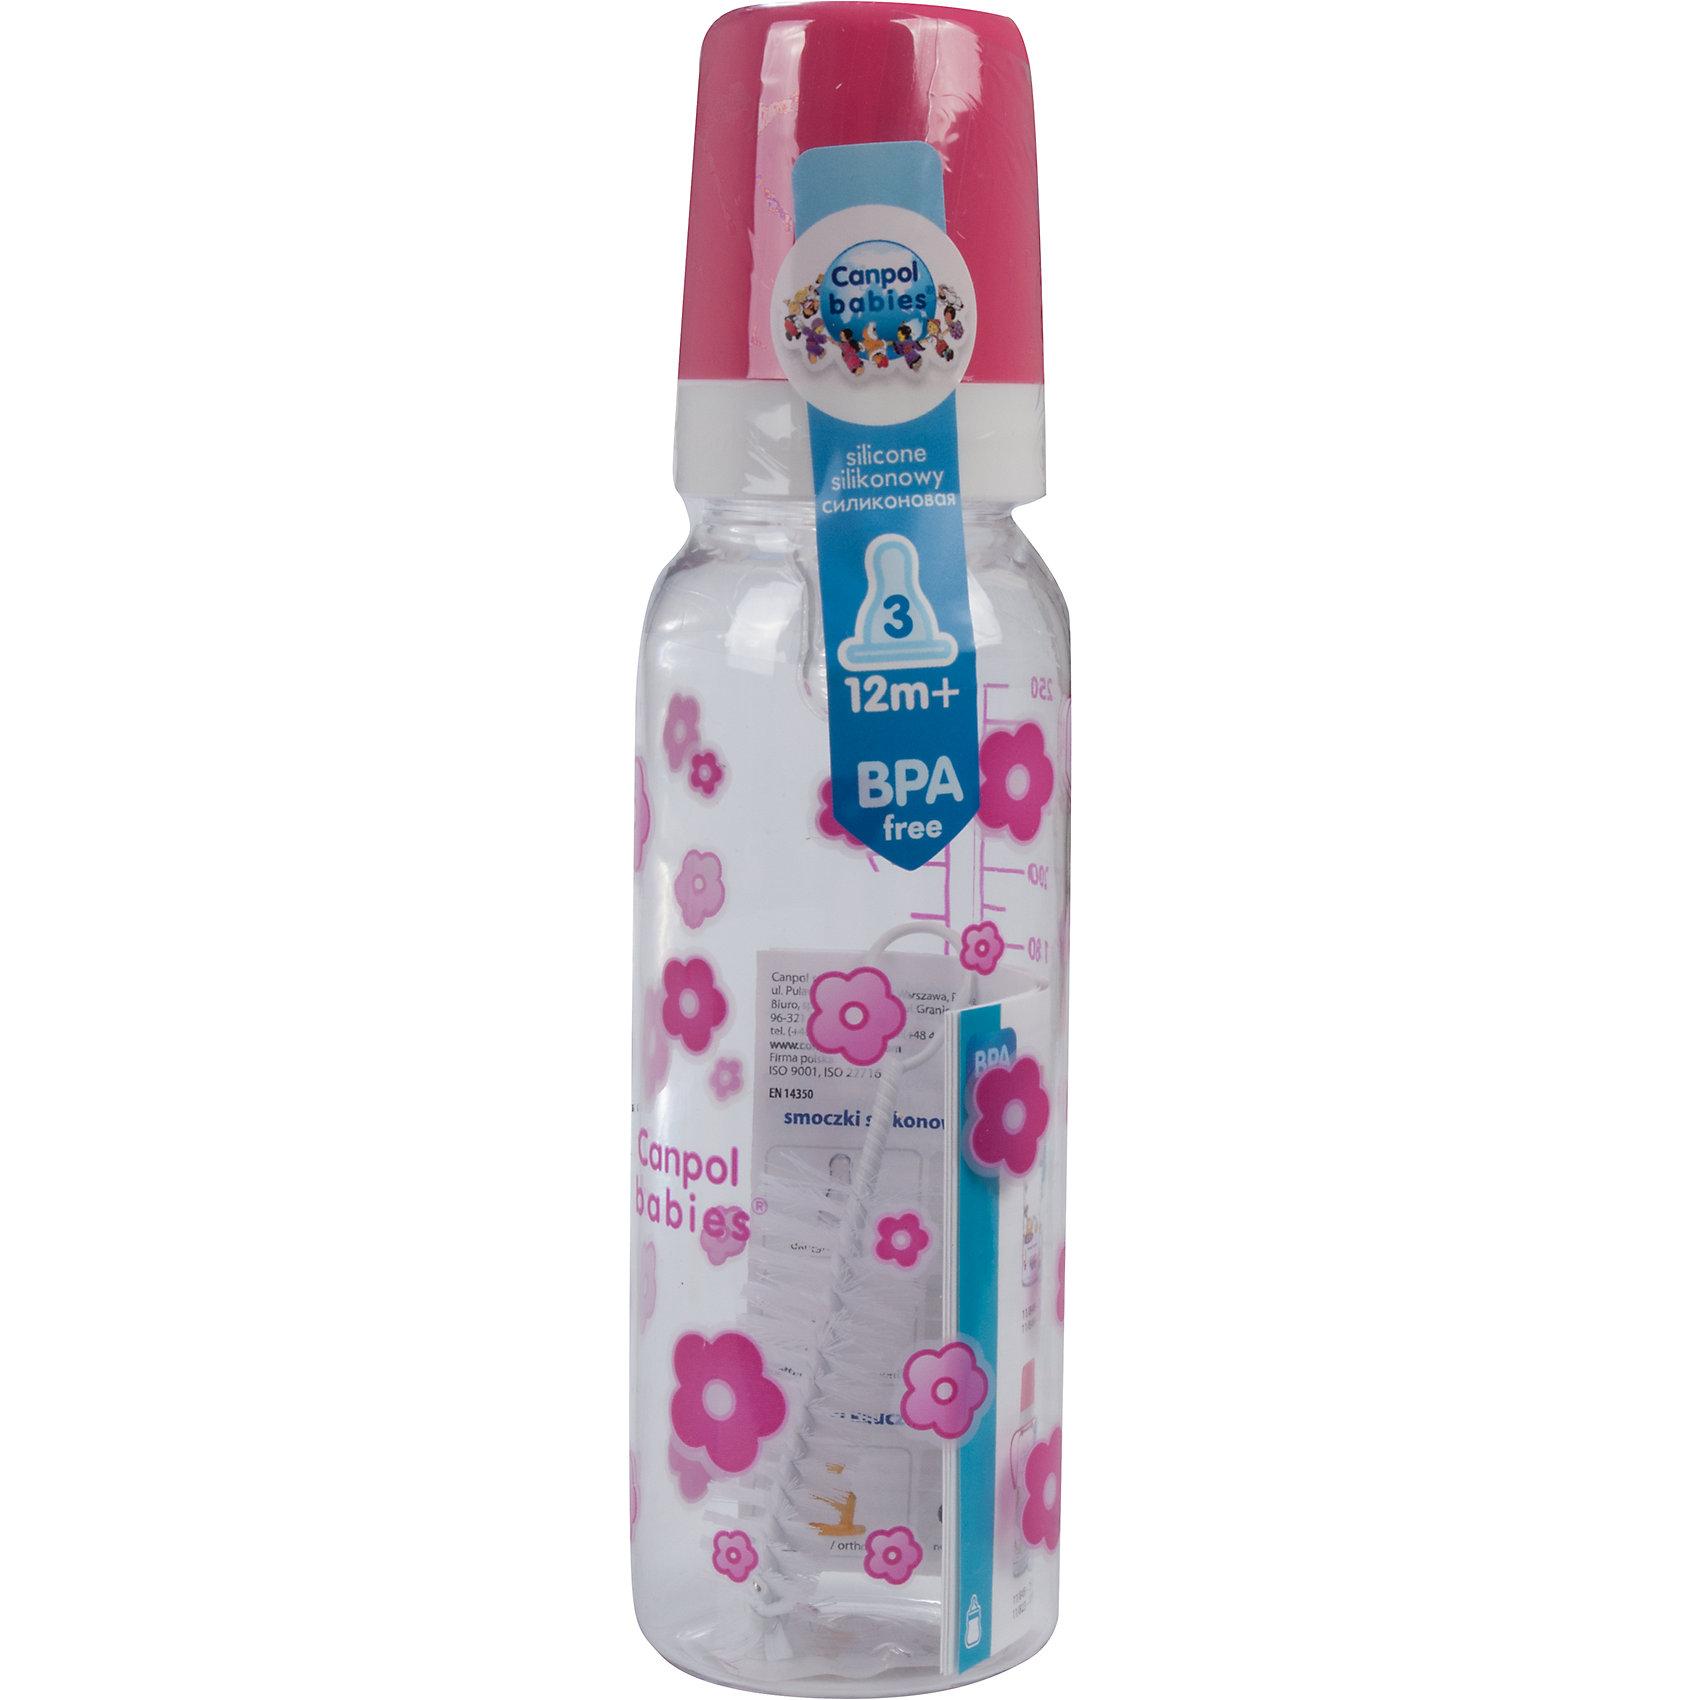 Бутылочка тритановая (BPA 0%) с сил. соской, 250 мл. 12+, Canpol Babies, розовыйБутылочка тритановая (BPA 0%) с сил. соской, 250 мл. 12+, Canpol Babies, (Канпол Бейбис), розовый.<br><br>Характеристики: <br><br>• Объем бутылочки: 250 мл.<br>• Материал бутылочки: тритан - пластик нового поколения.<br>• Материал соски: силикон.<br>• Цвет : розовый. <br>Бутылочка тритановая (BPA 0%) с сил. соской, 250 мл. 12+, Canpol Babies, (Канпол Бейбис) имеет классическую форму. Удобна в использовании дома и в дороге. Бутылочка выполнена из безопасного качественного материала - тритана, который хорошо держит тепло, снабжена силиконовой соской (быстрый поток) и защитным колпачком, имеет удобную мерную шкалу.  Такую бутылочку и все части можно кипятить в воде или стерилизовать с помощью специального прибора. Не впитывает запахи. Бутылочка выполнена в розовом цвете и украшена забавным принтом.<br>Бутылочку тритановая (BPA 0%) с сил. соской, 250 мл. 12+, Canpol Babies, (Канпол Бейбис), розовый можно купить в нашем интернет- магазине.<br><br>Ширина мм: 65<br>Глубина мм: 54<br>Высота мм: 235<br>Вес г: 670<br>Возраст от месяцев: 12<br>Возраст до месяцев: 36<br>Пол: Женский<br>Возраст: Детский<br>SKU: 5156806